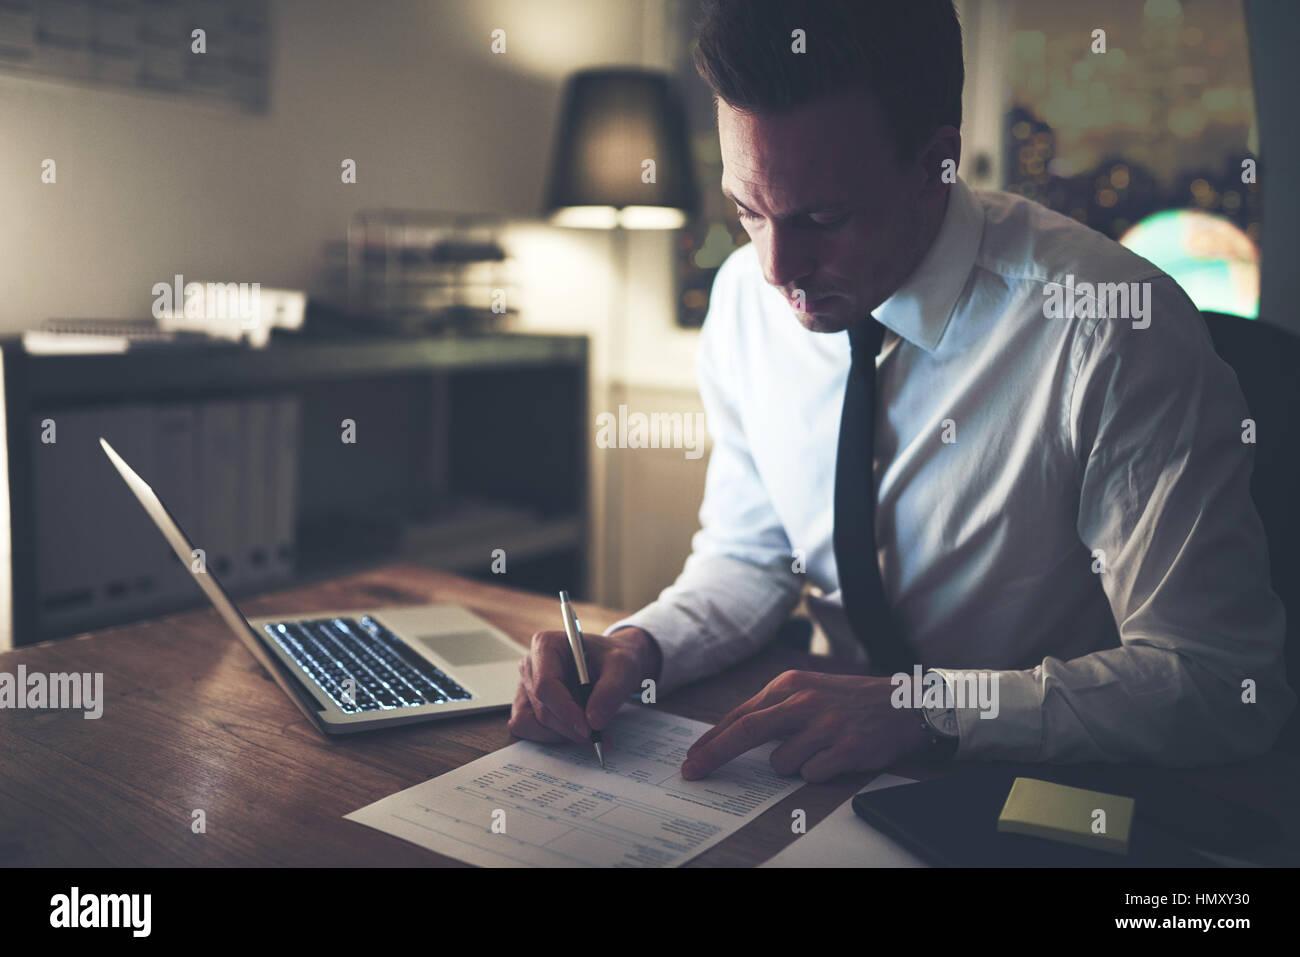 Geschäftsmann Arbeiten konzentrierten sich auf Dokumente in der Nacht, Überstunden im Büro Stockbild